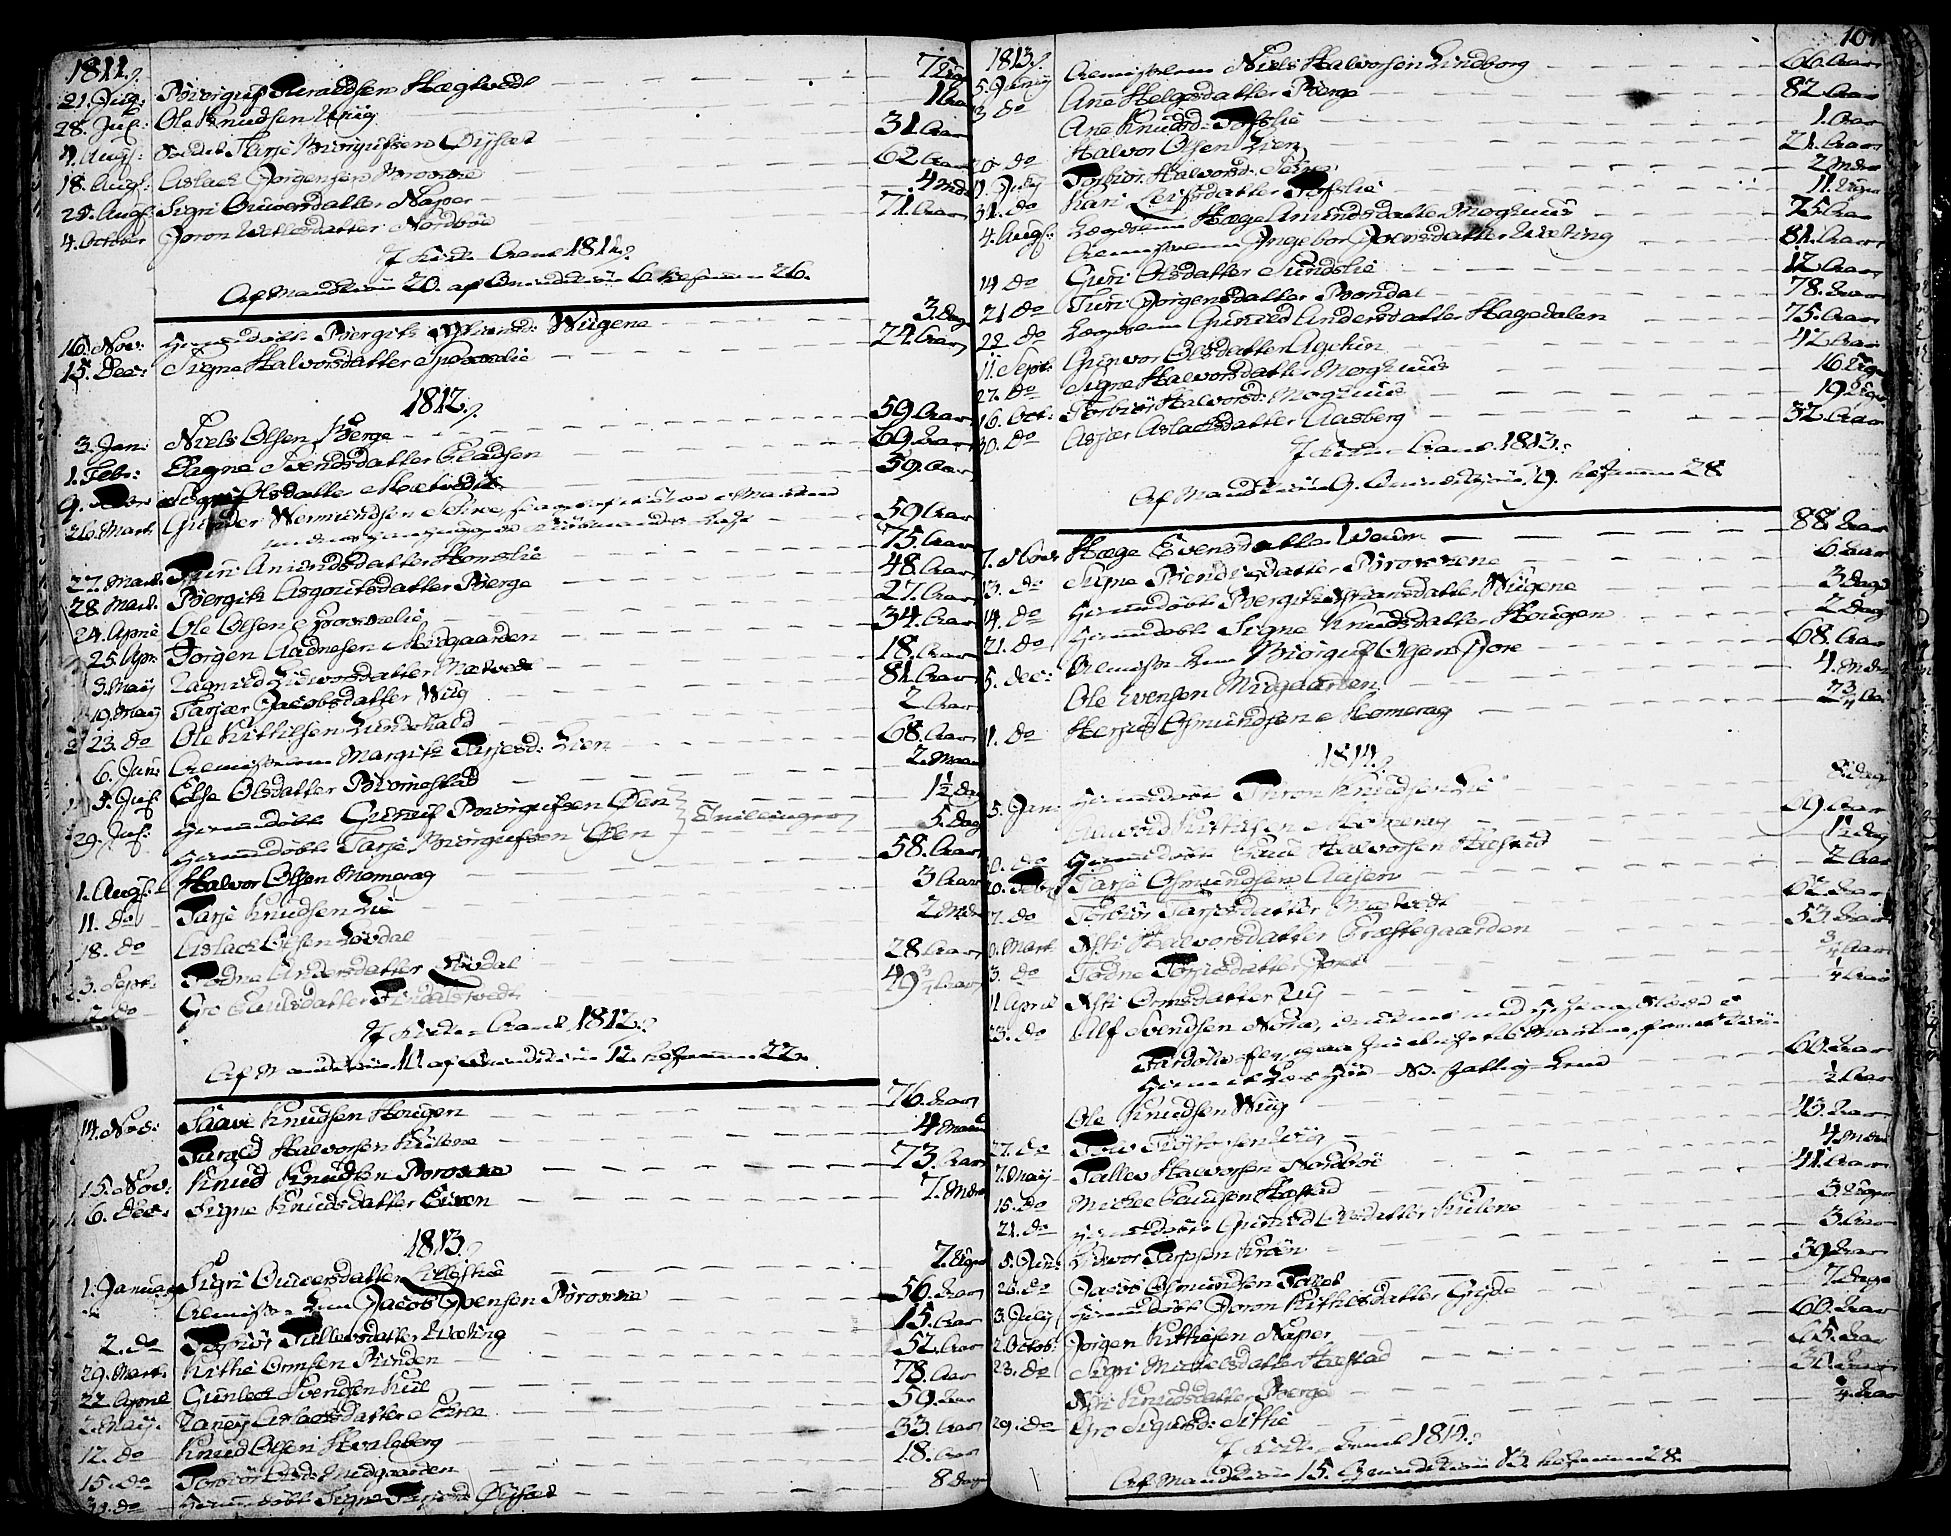 SAKO, Fyresdal kirkebøker, F/Fa/L0002: Ministerialbok nr. I 2, 1769-1814, s. 101